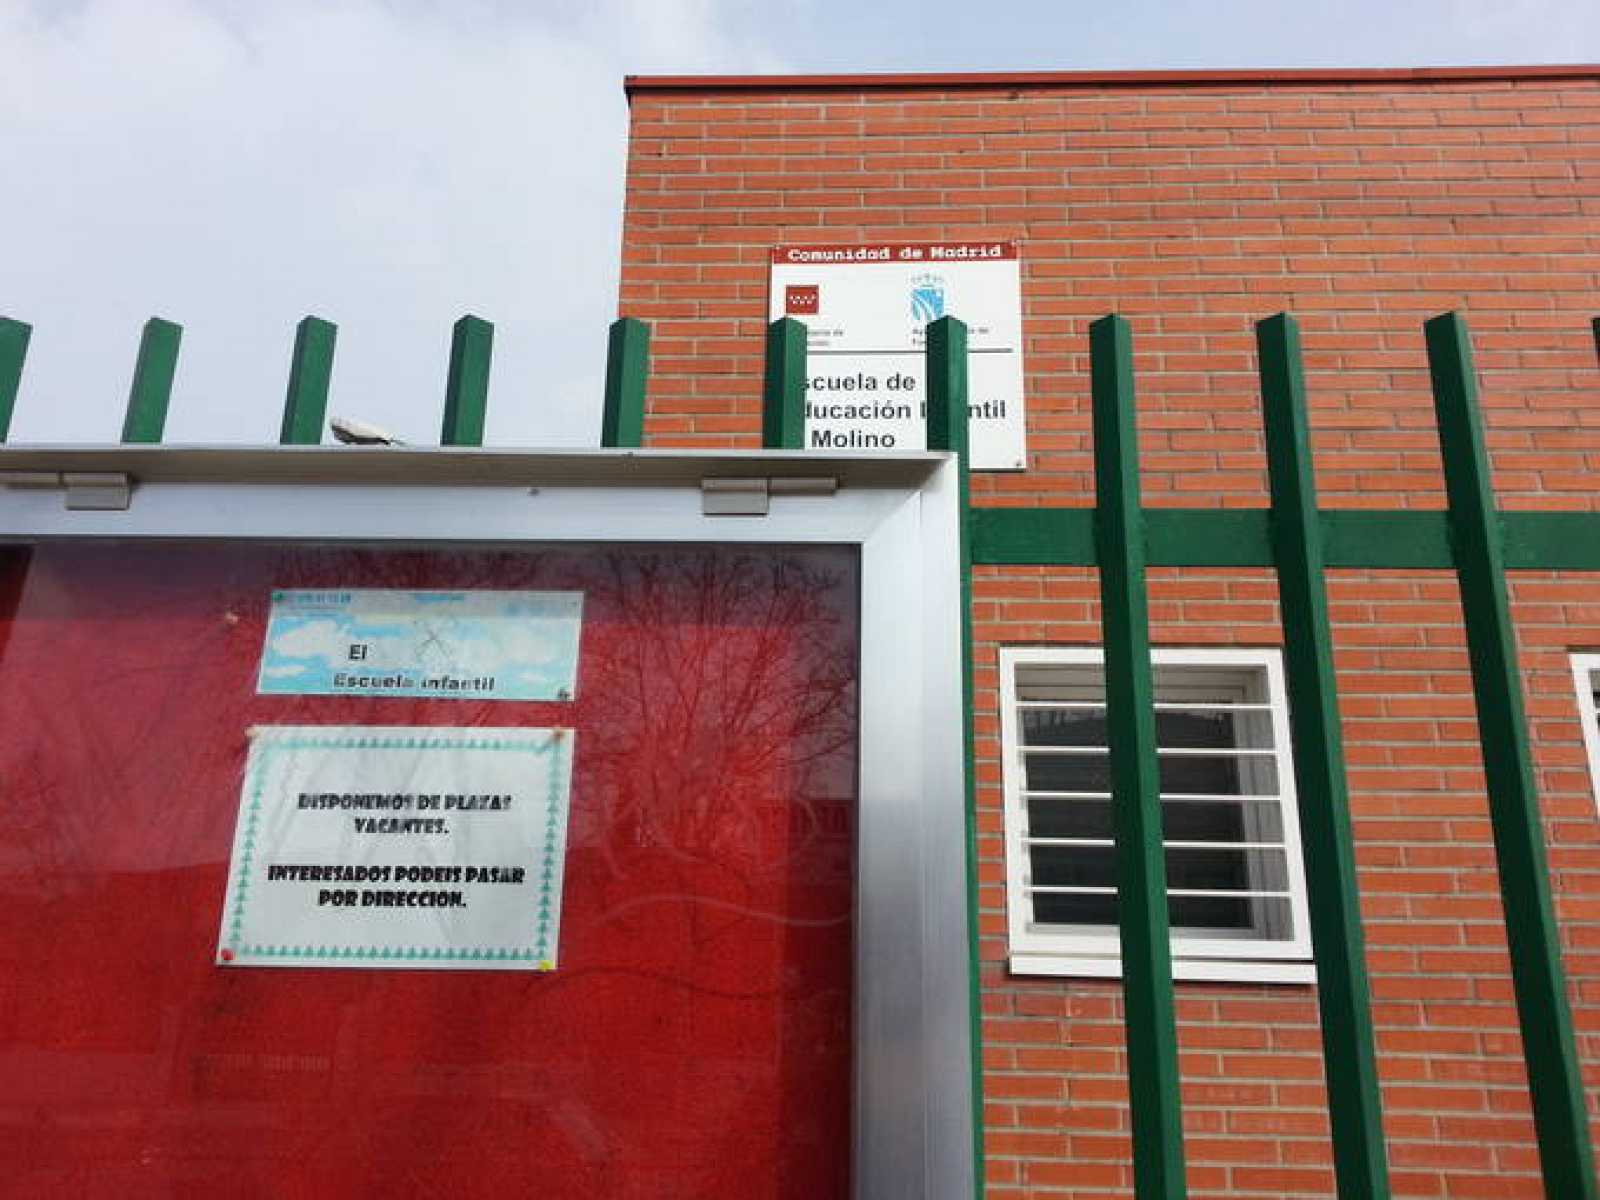 Escuela infantil pública de Fuenlabrada (Madrid) con plazas vacantes